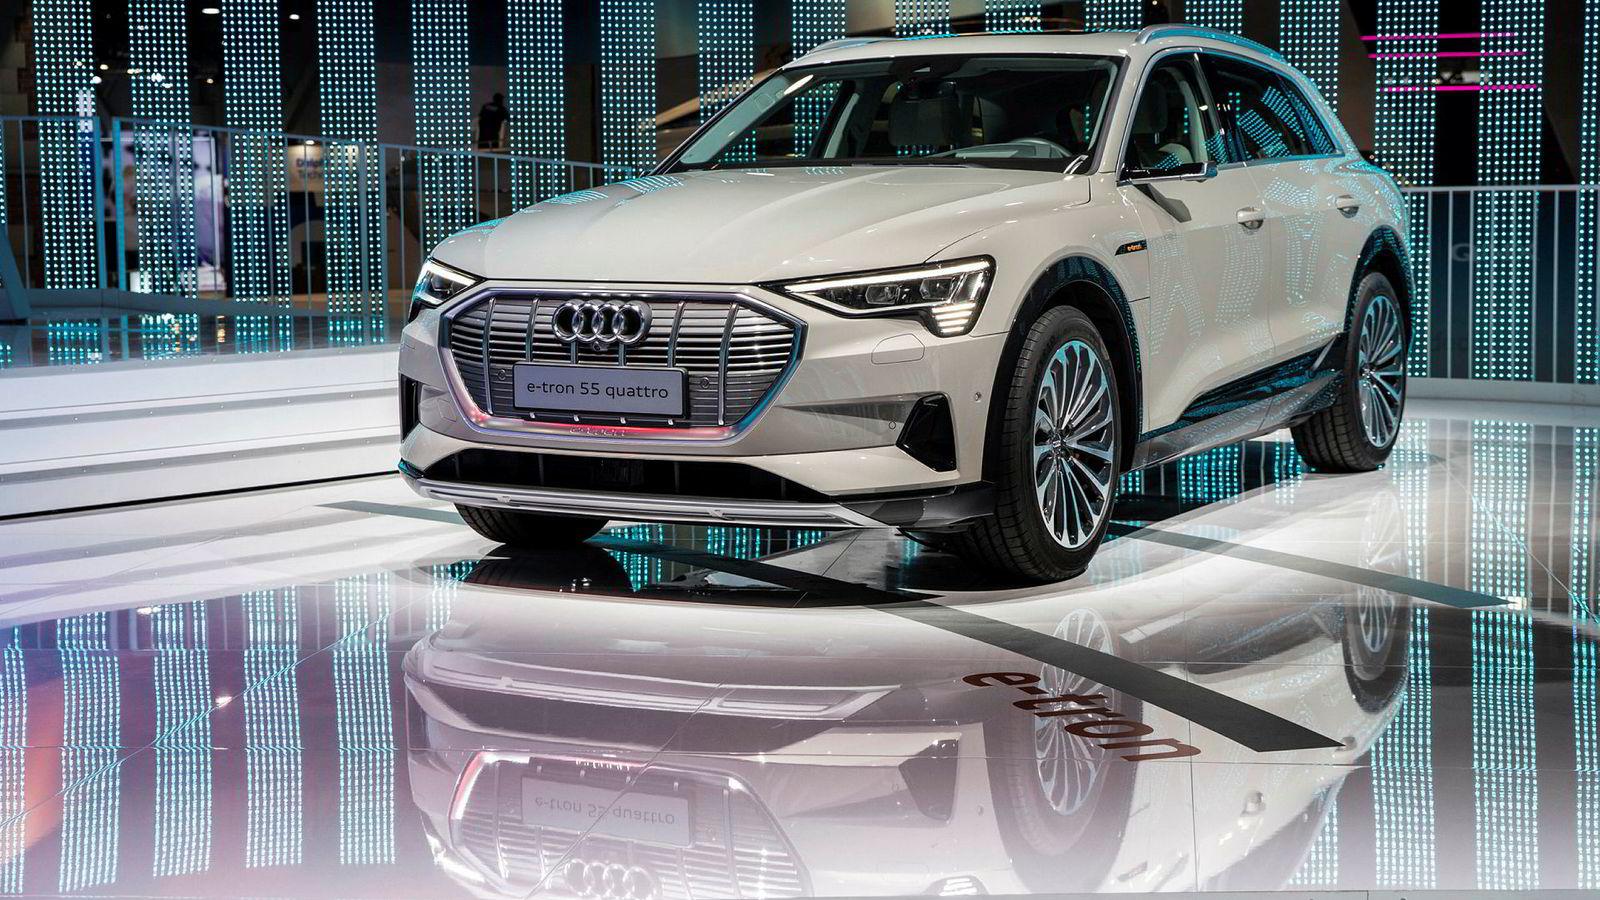 Audi E-tron ble vist under elektronikkmessen i Las Vegas tidligere i januar. De første norske kundene får bilen sin i månedsskiftet februar-mars.